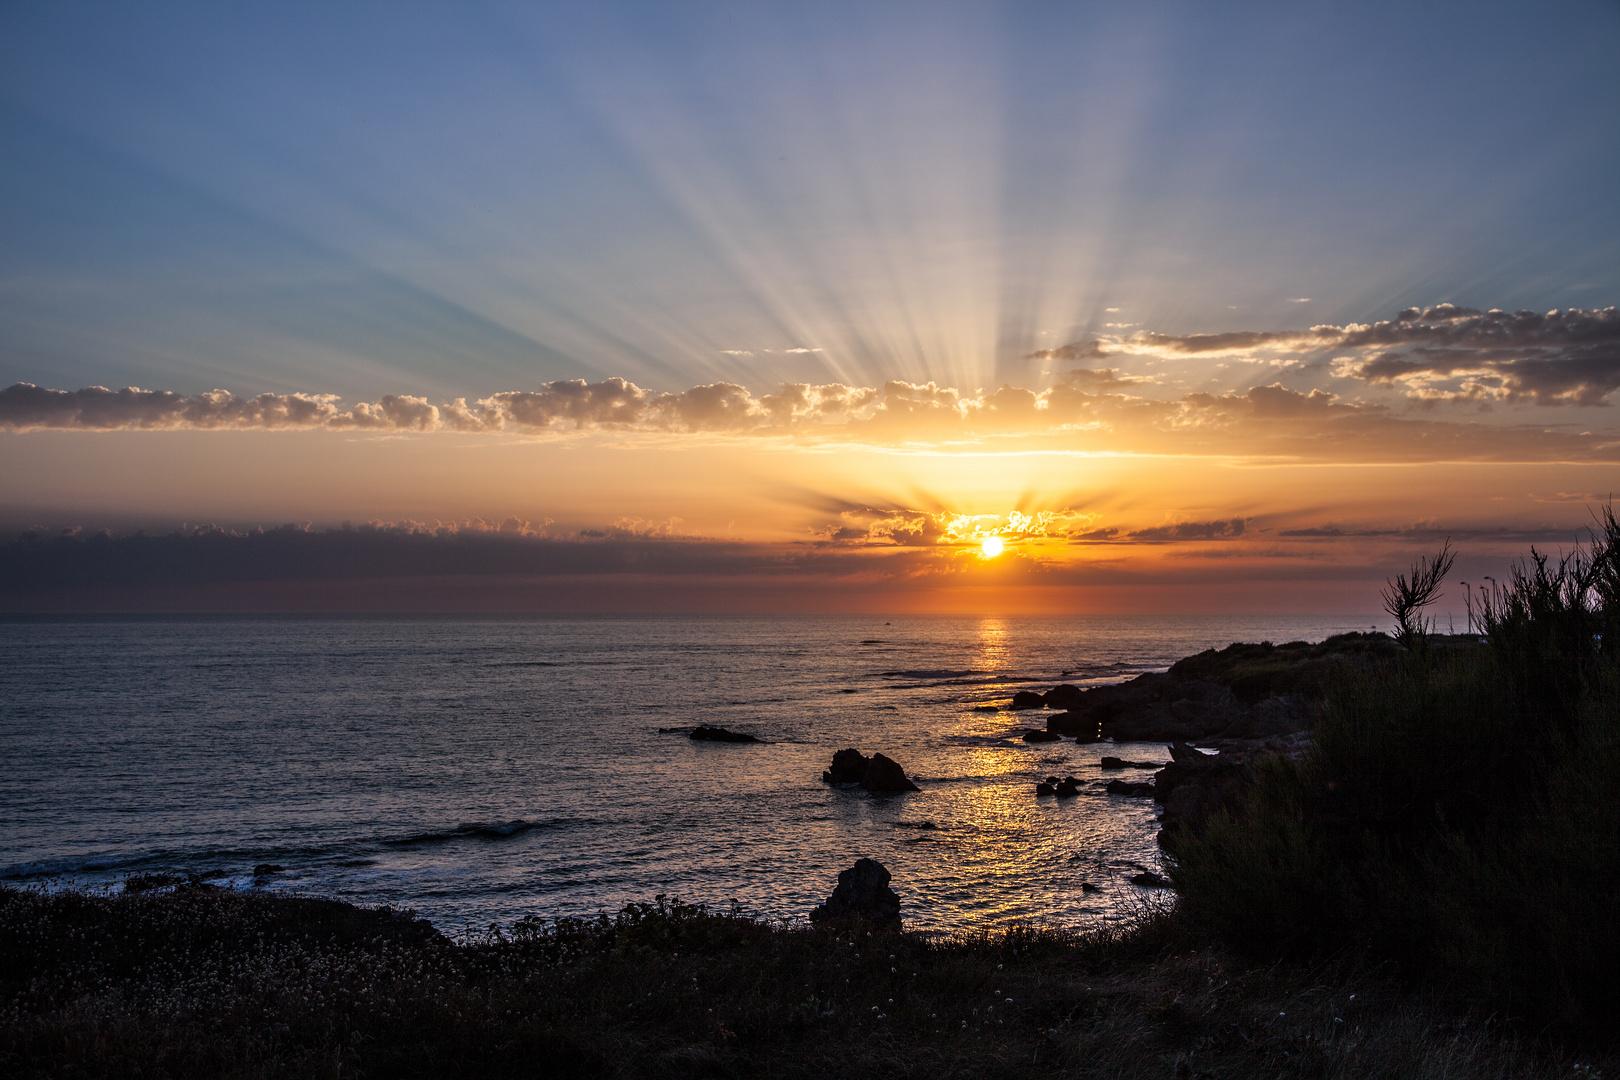 Sonnenuntergang an der Côte de Lumière